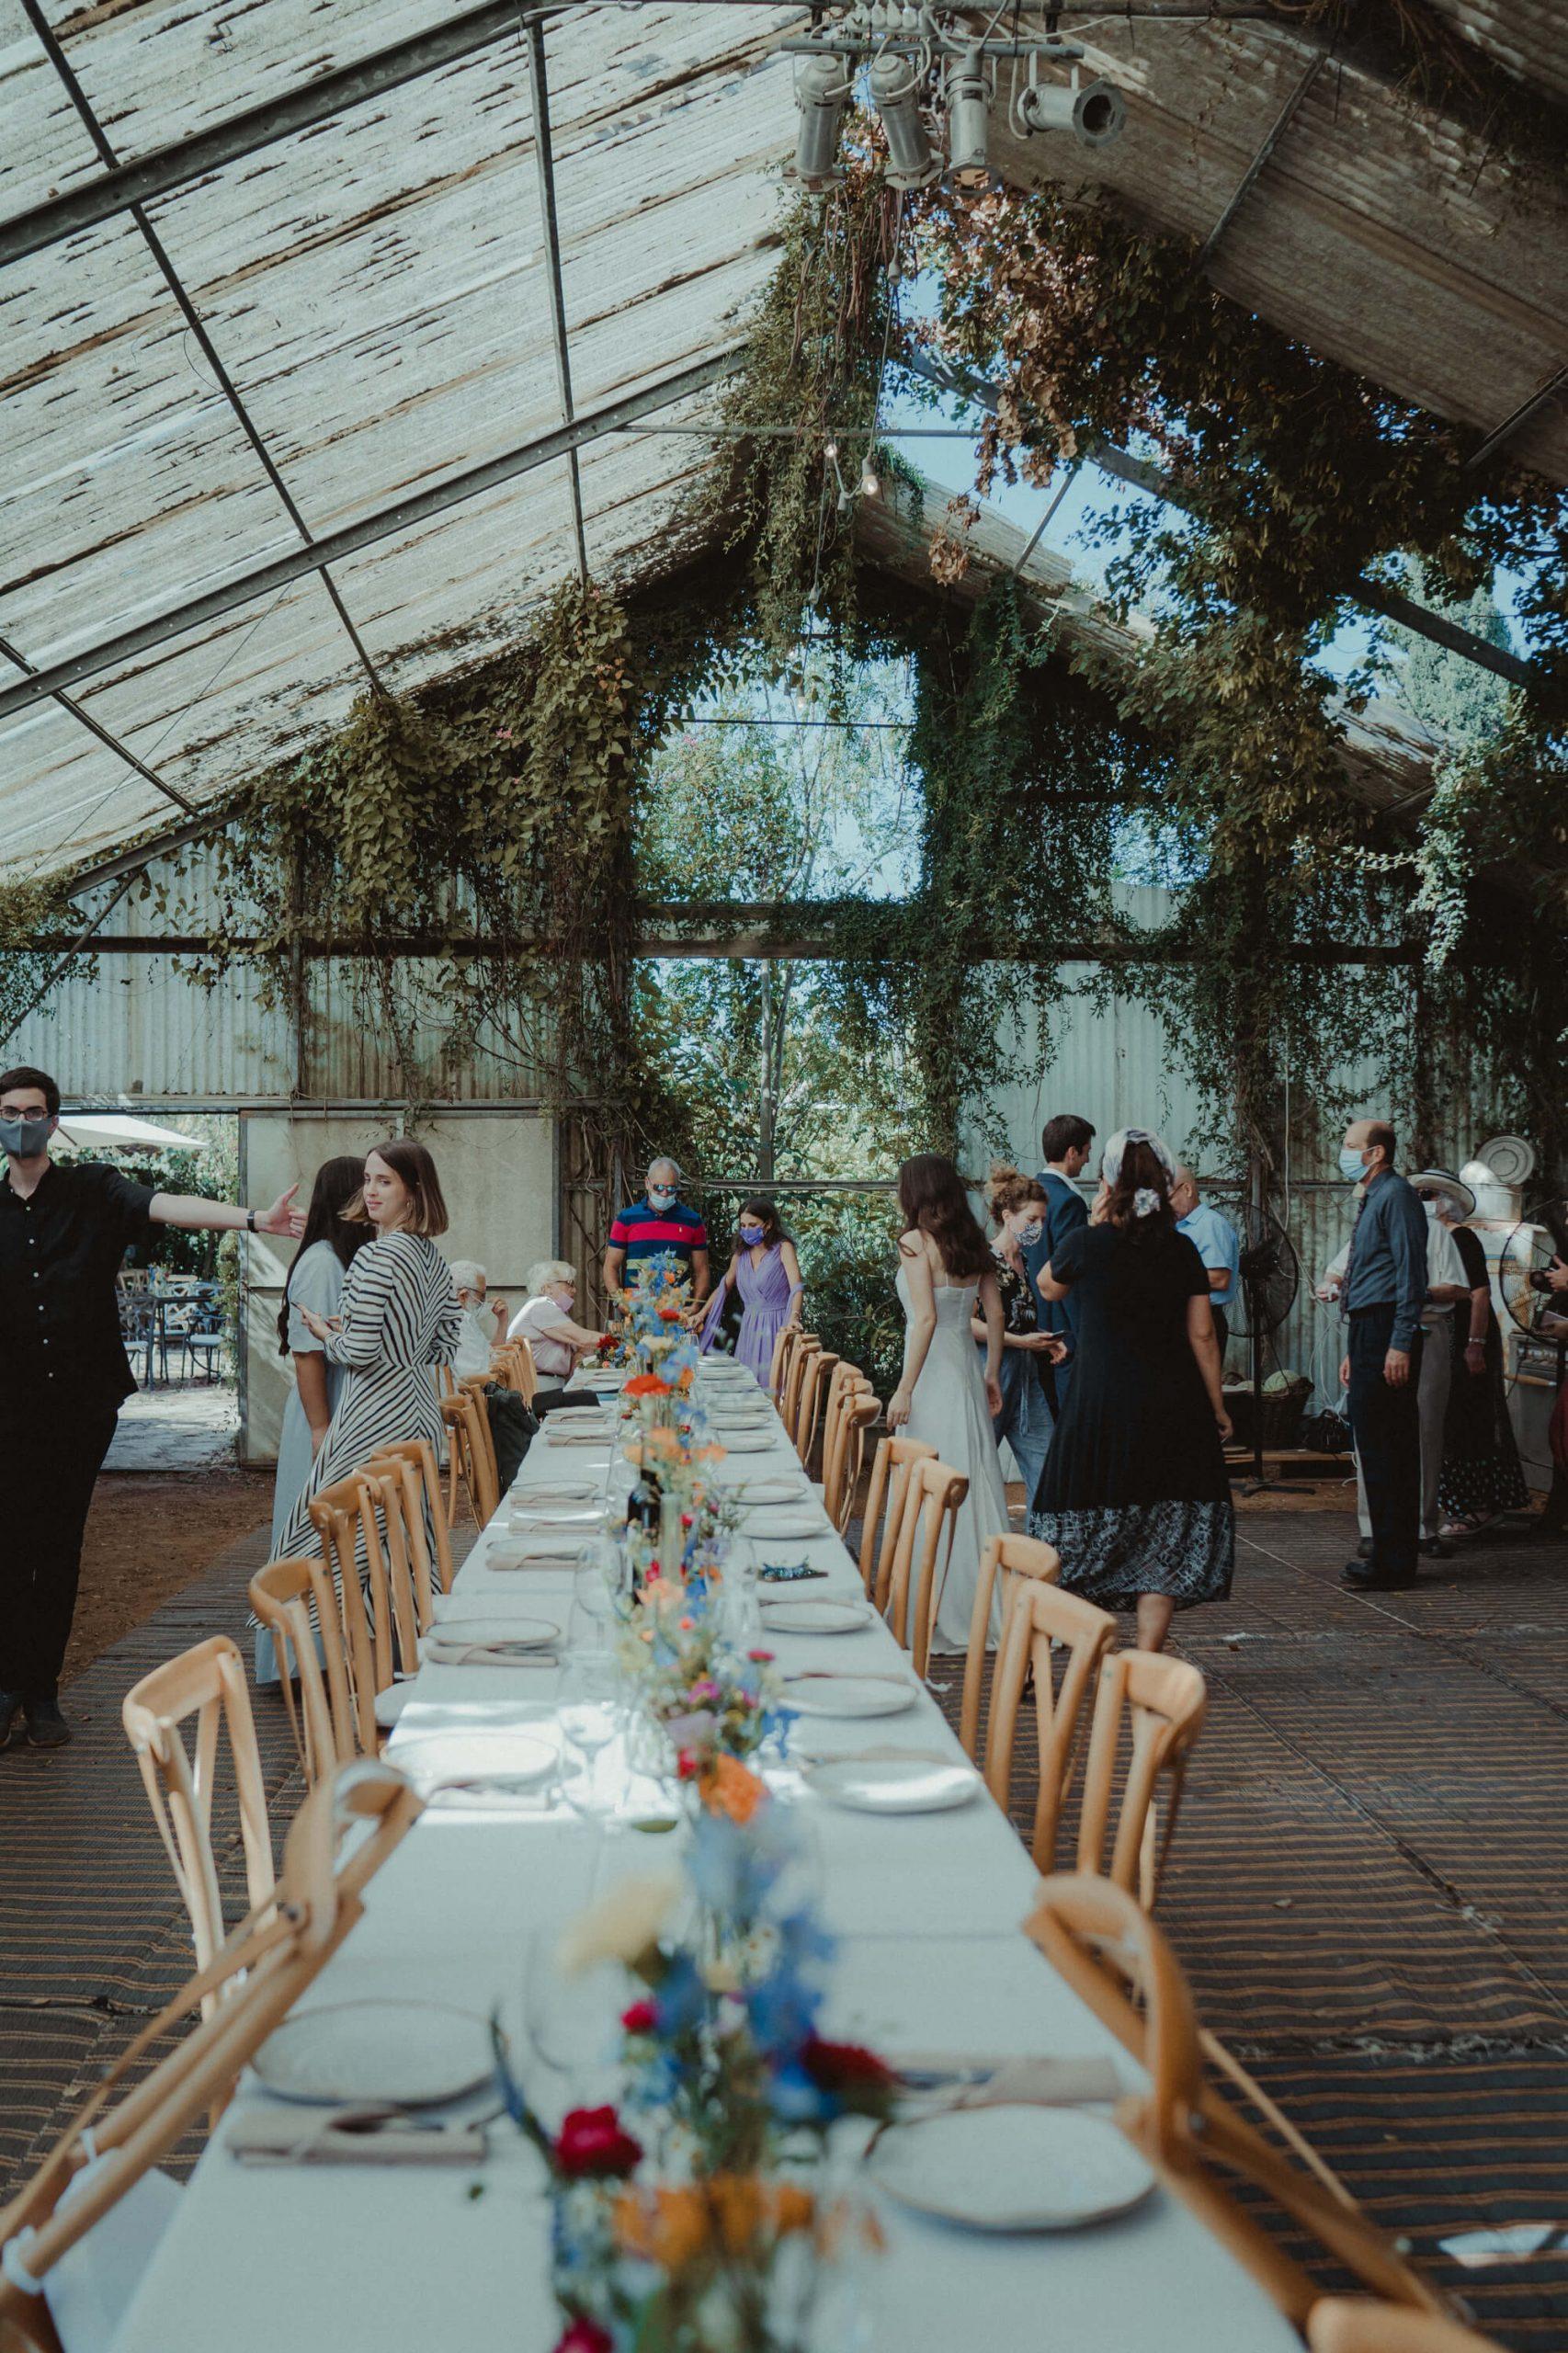 חתונה בחממה: 30 אורחים, פרחים צבעוניים, יין איכותי וקסם